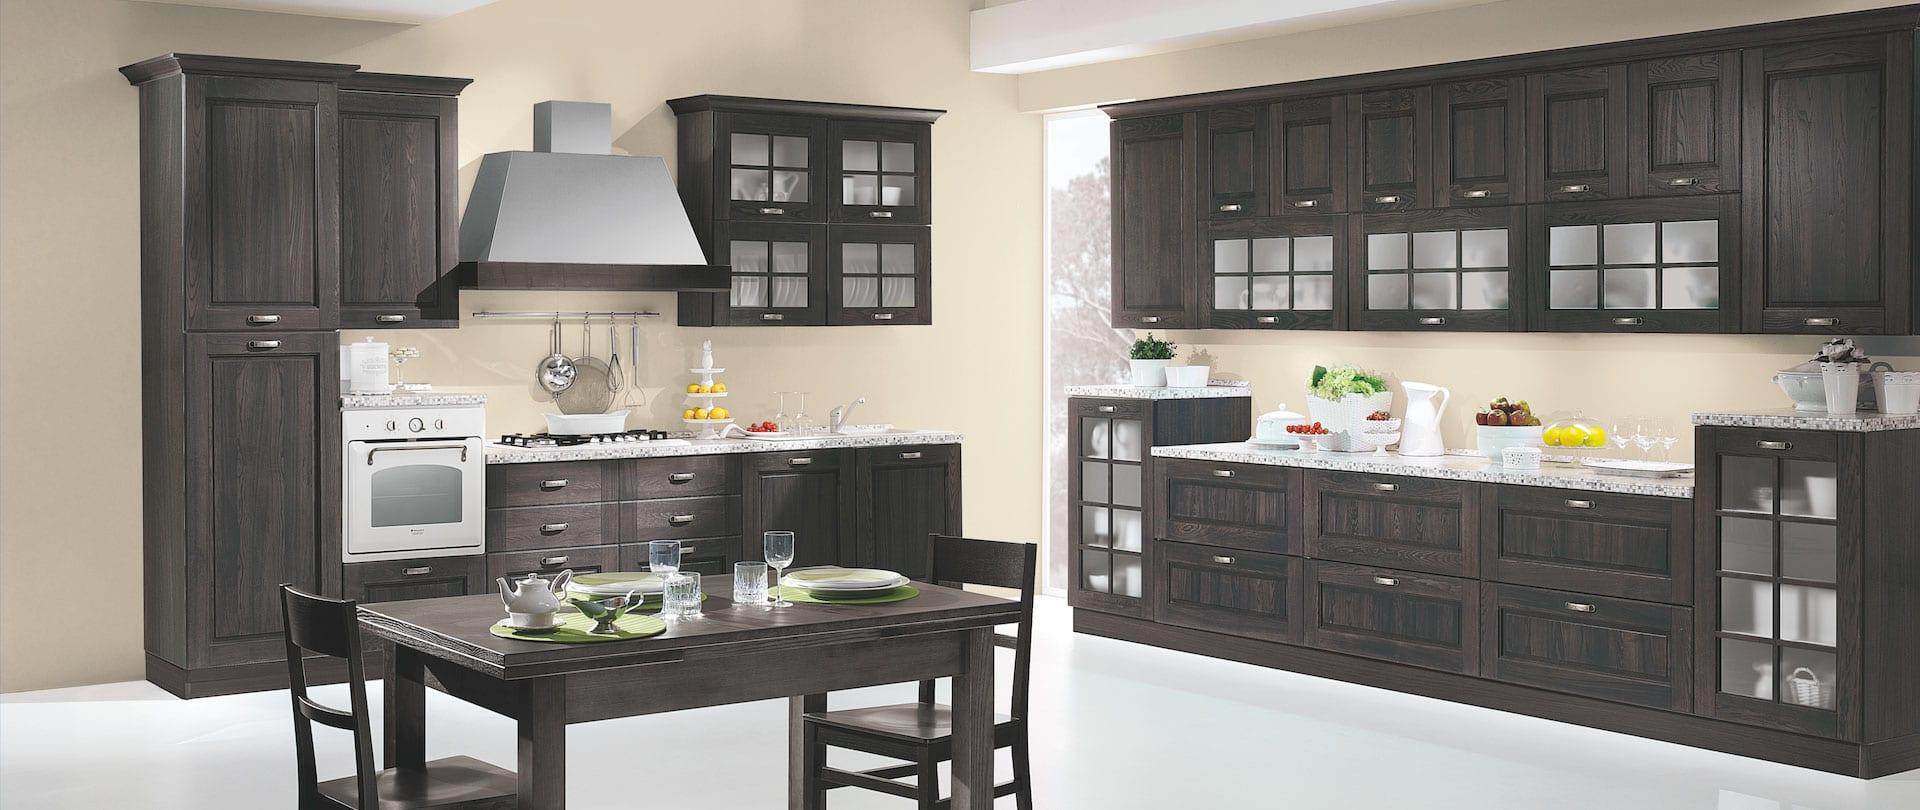 04-cucina-elegante-classica